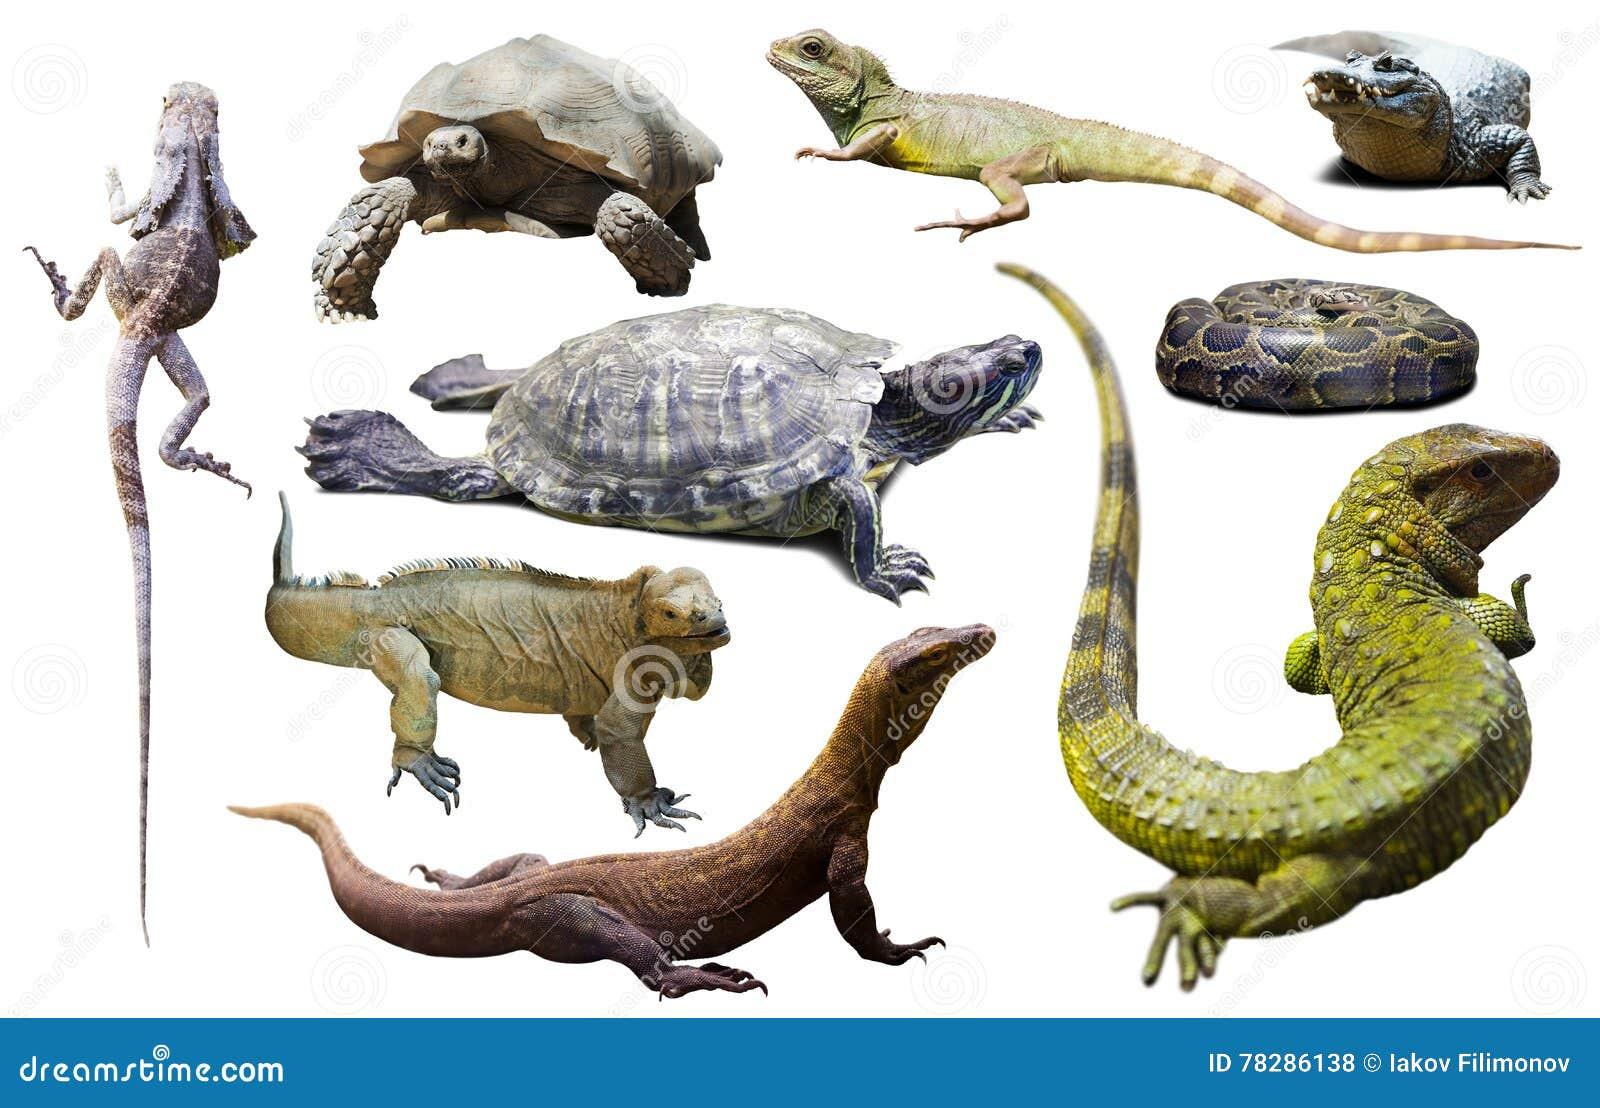 A 2 Z Reptiles Set of reptiles...